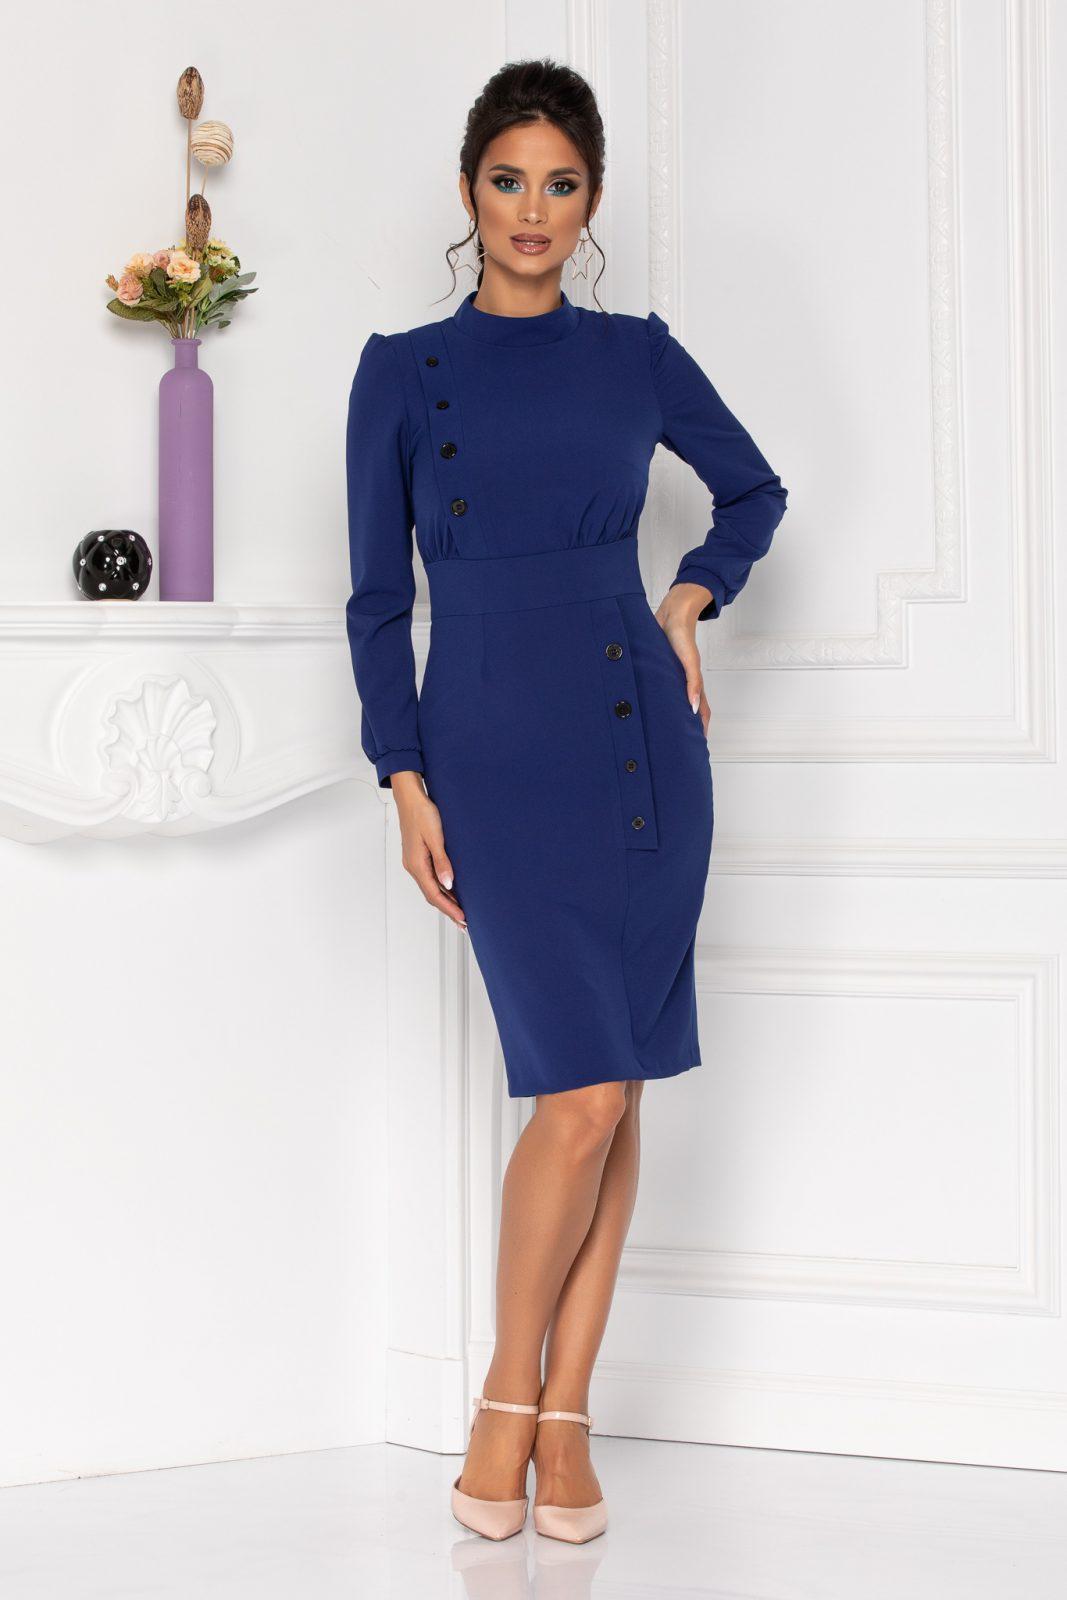 Μπλε Φόρεμα Με Κουμπιά Moze Geneve 8422 2